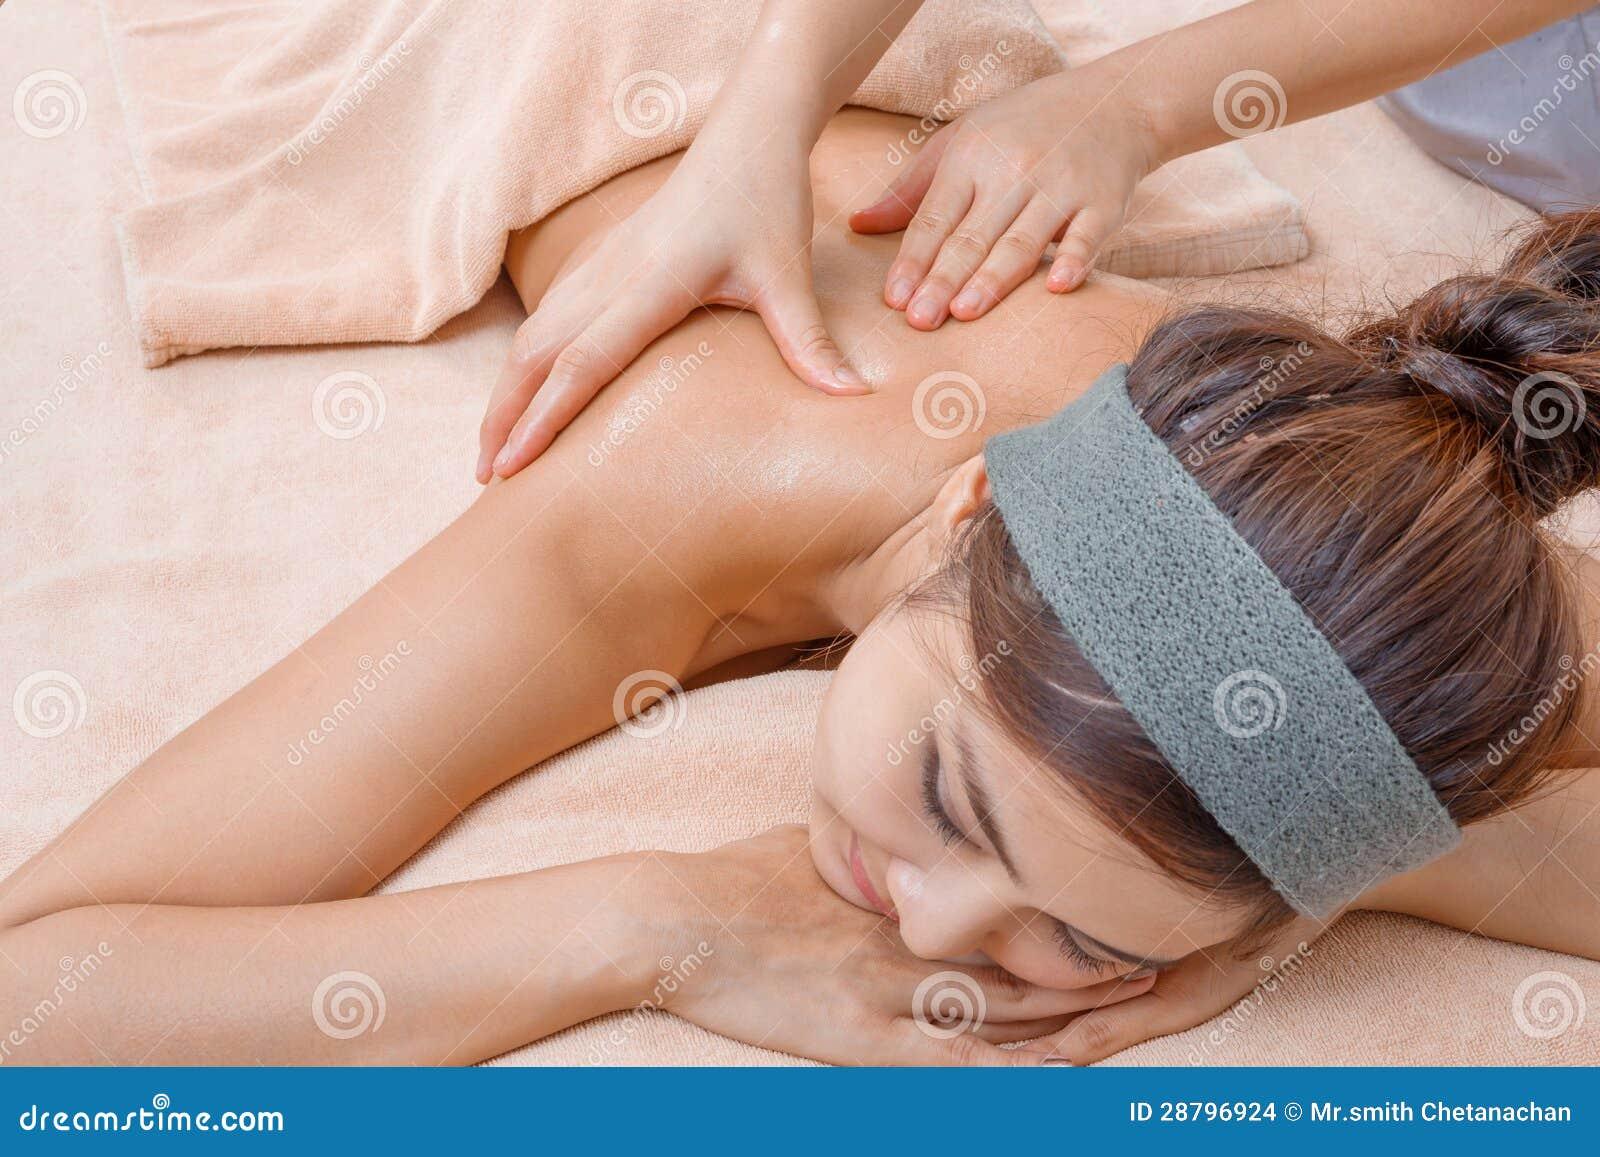 Massage im thailändischen Badekurort